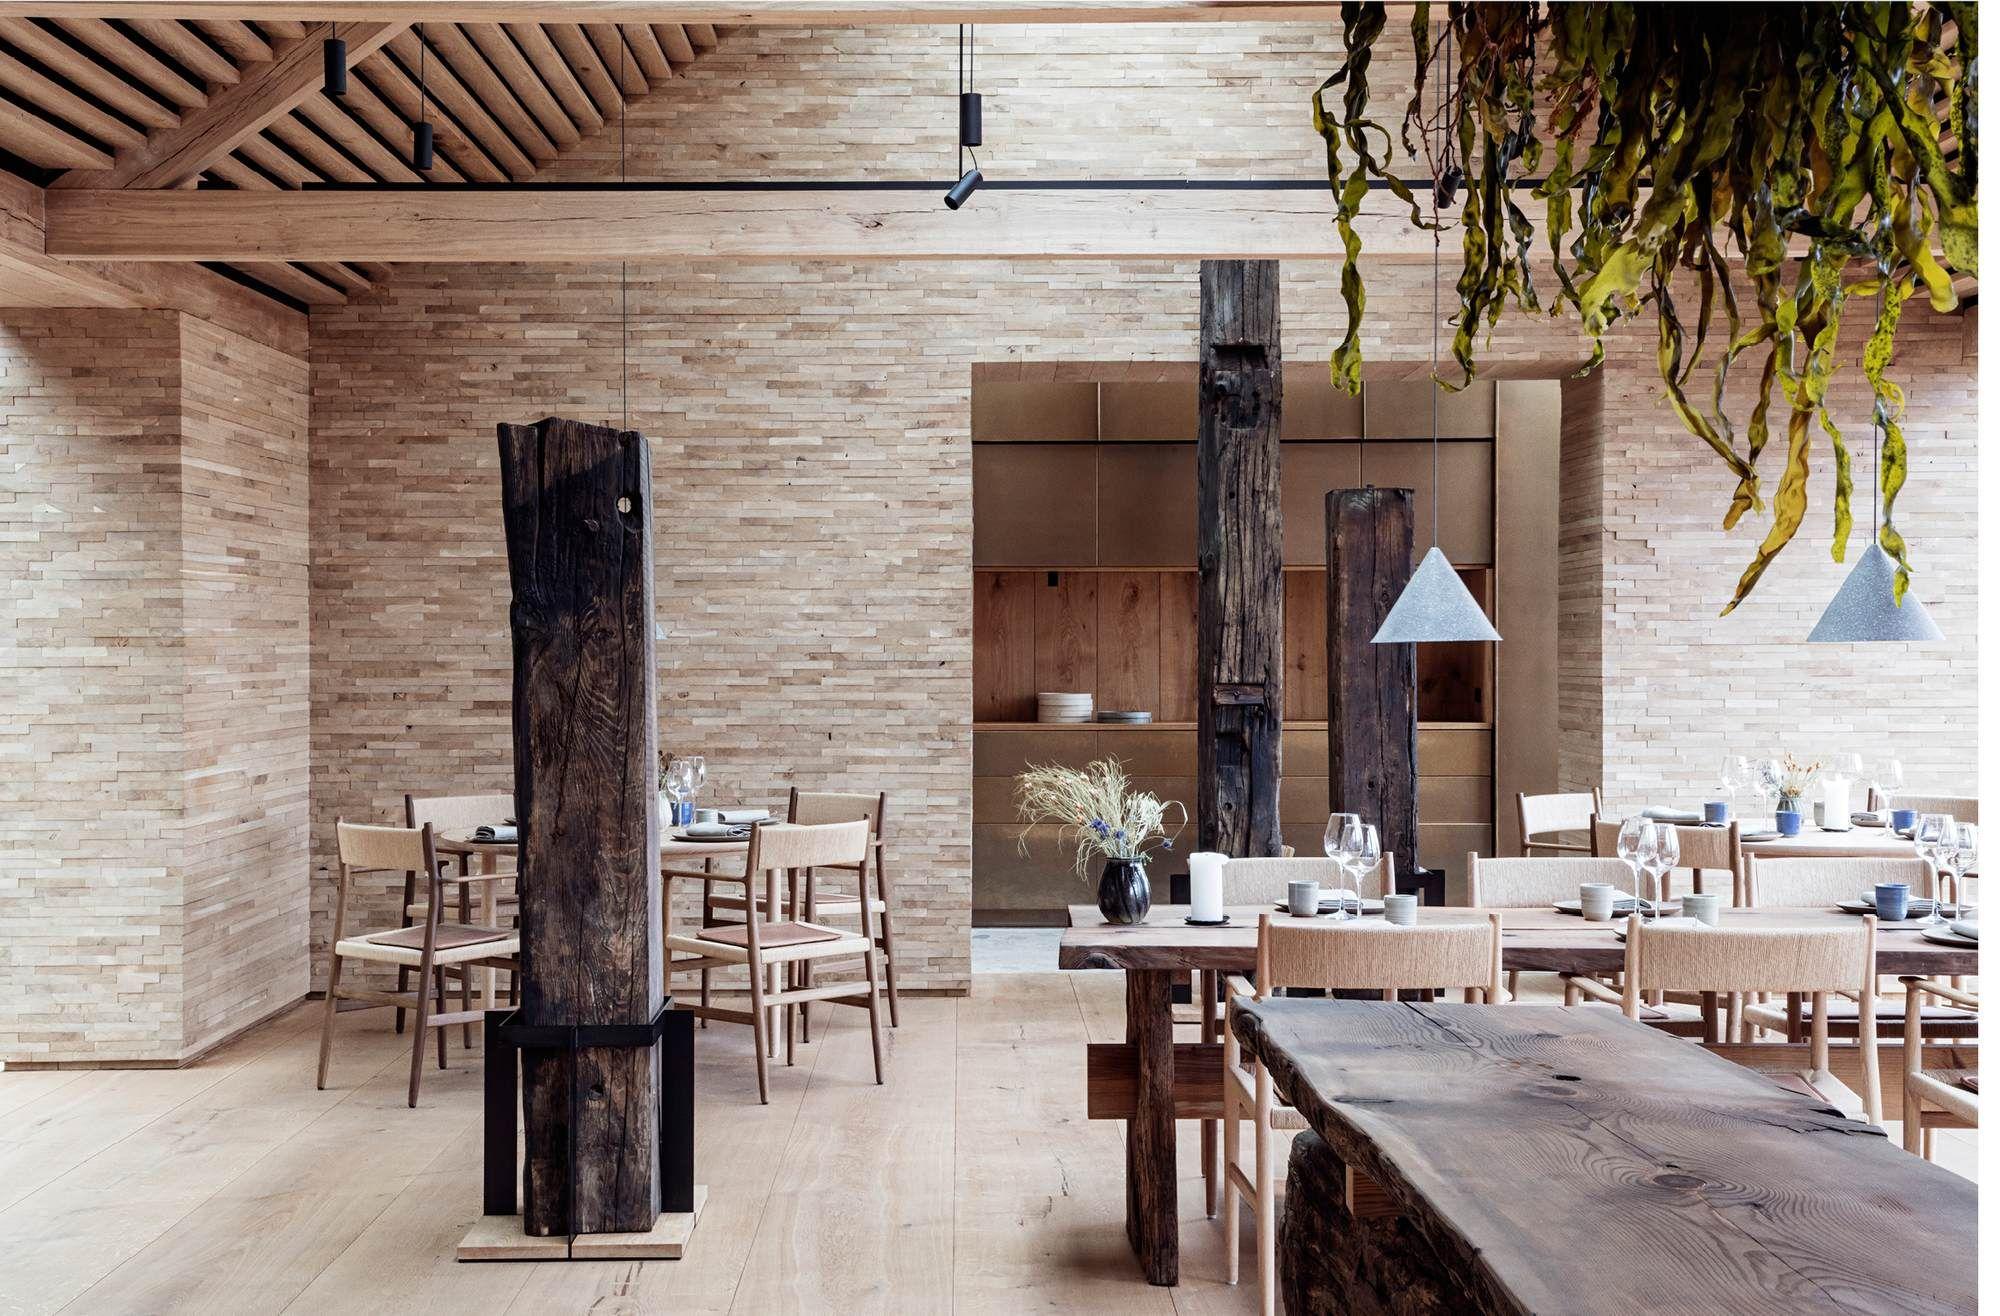 Studio David Thulstrup Is An Architecture Interior And Design